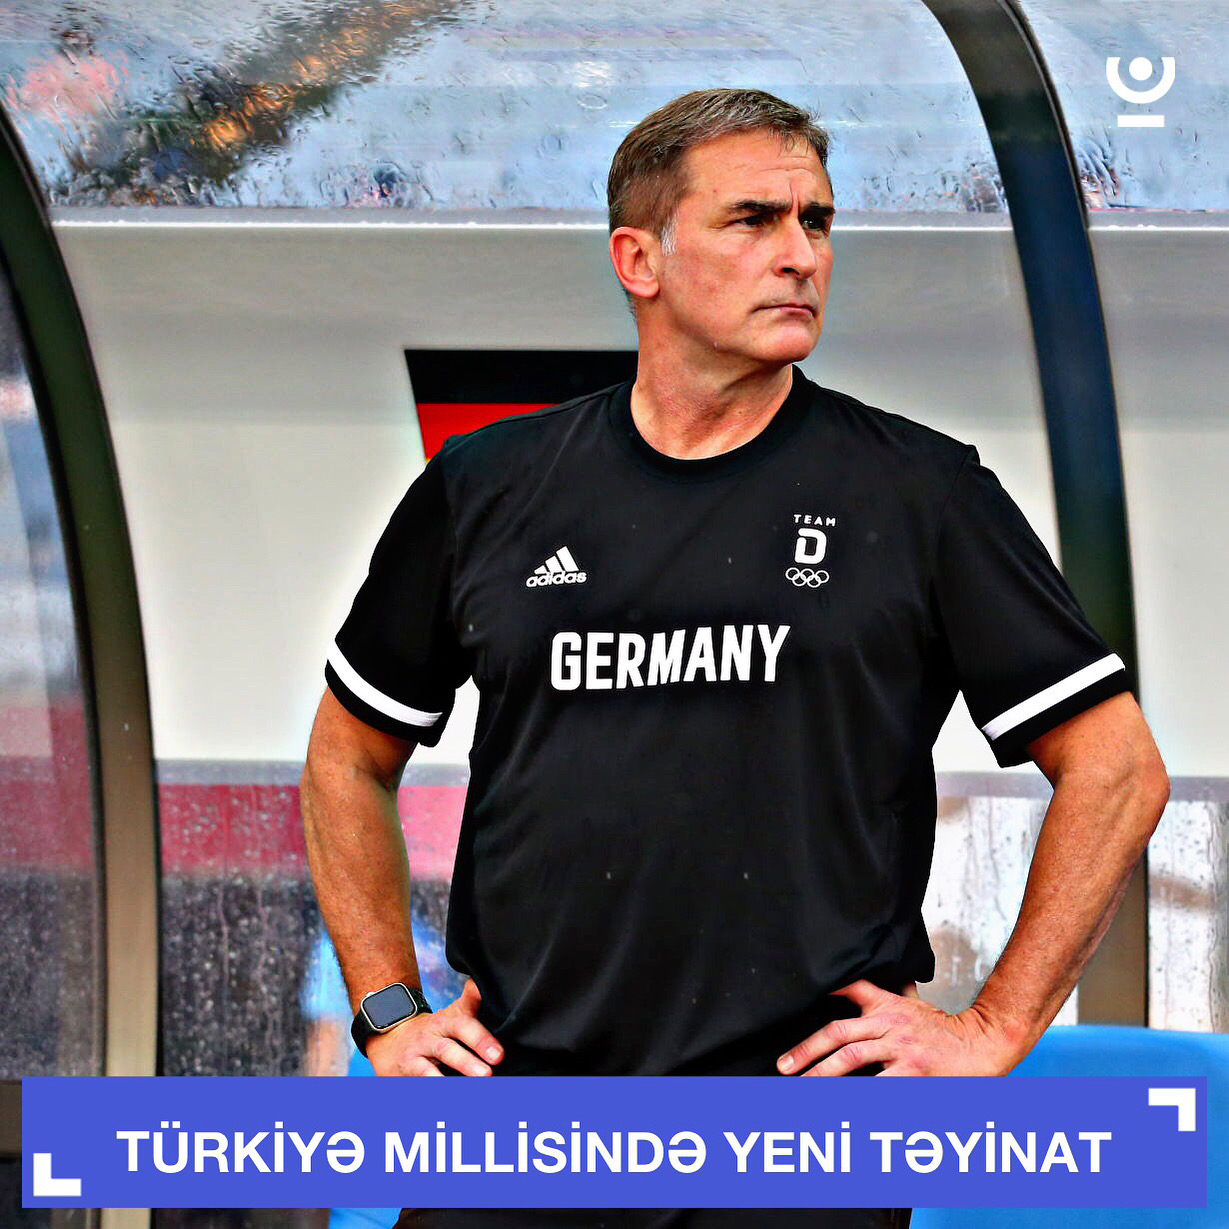 Türkiyənin yeni məşqçisinin adına aydınlıq gəldi